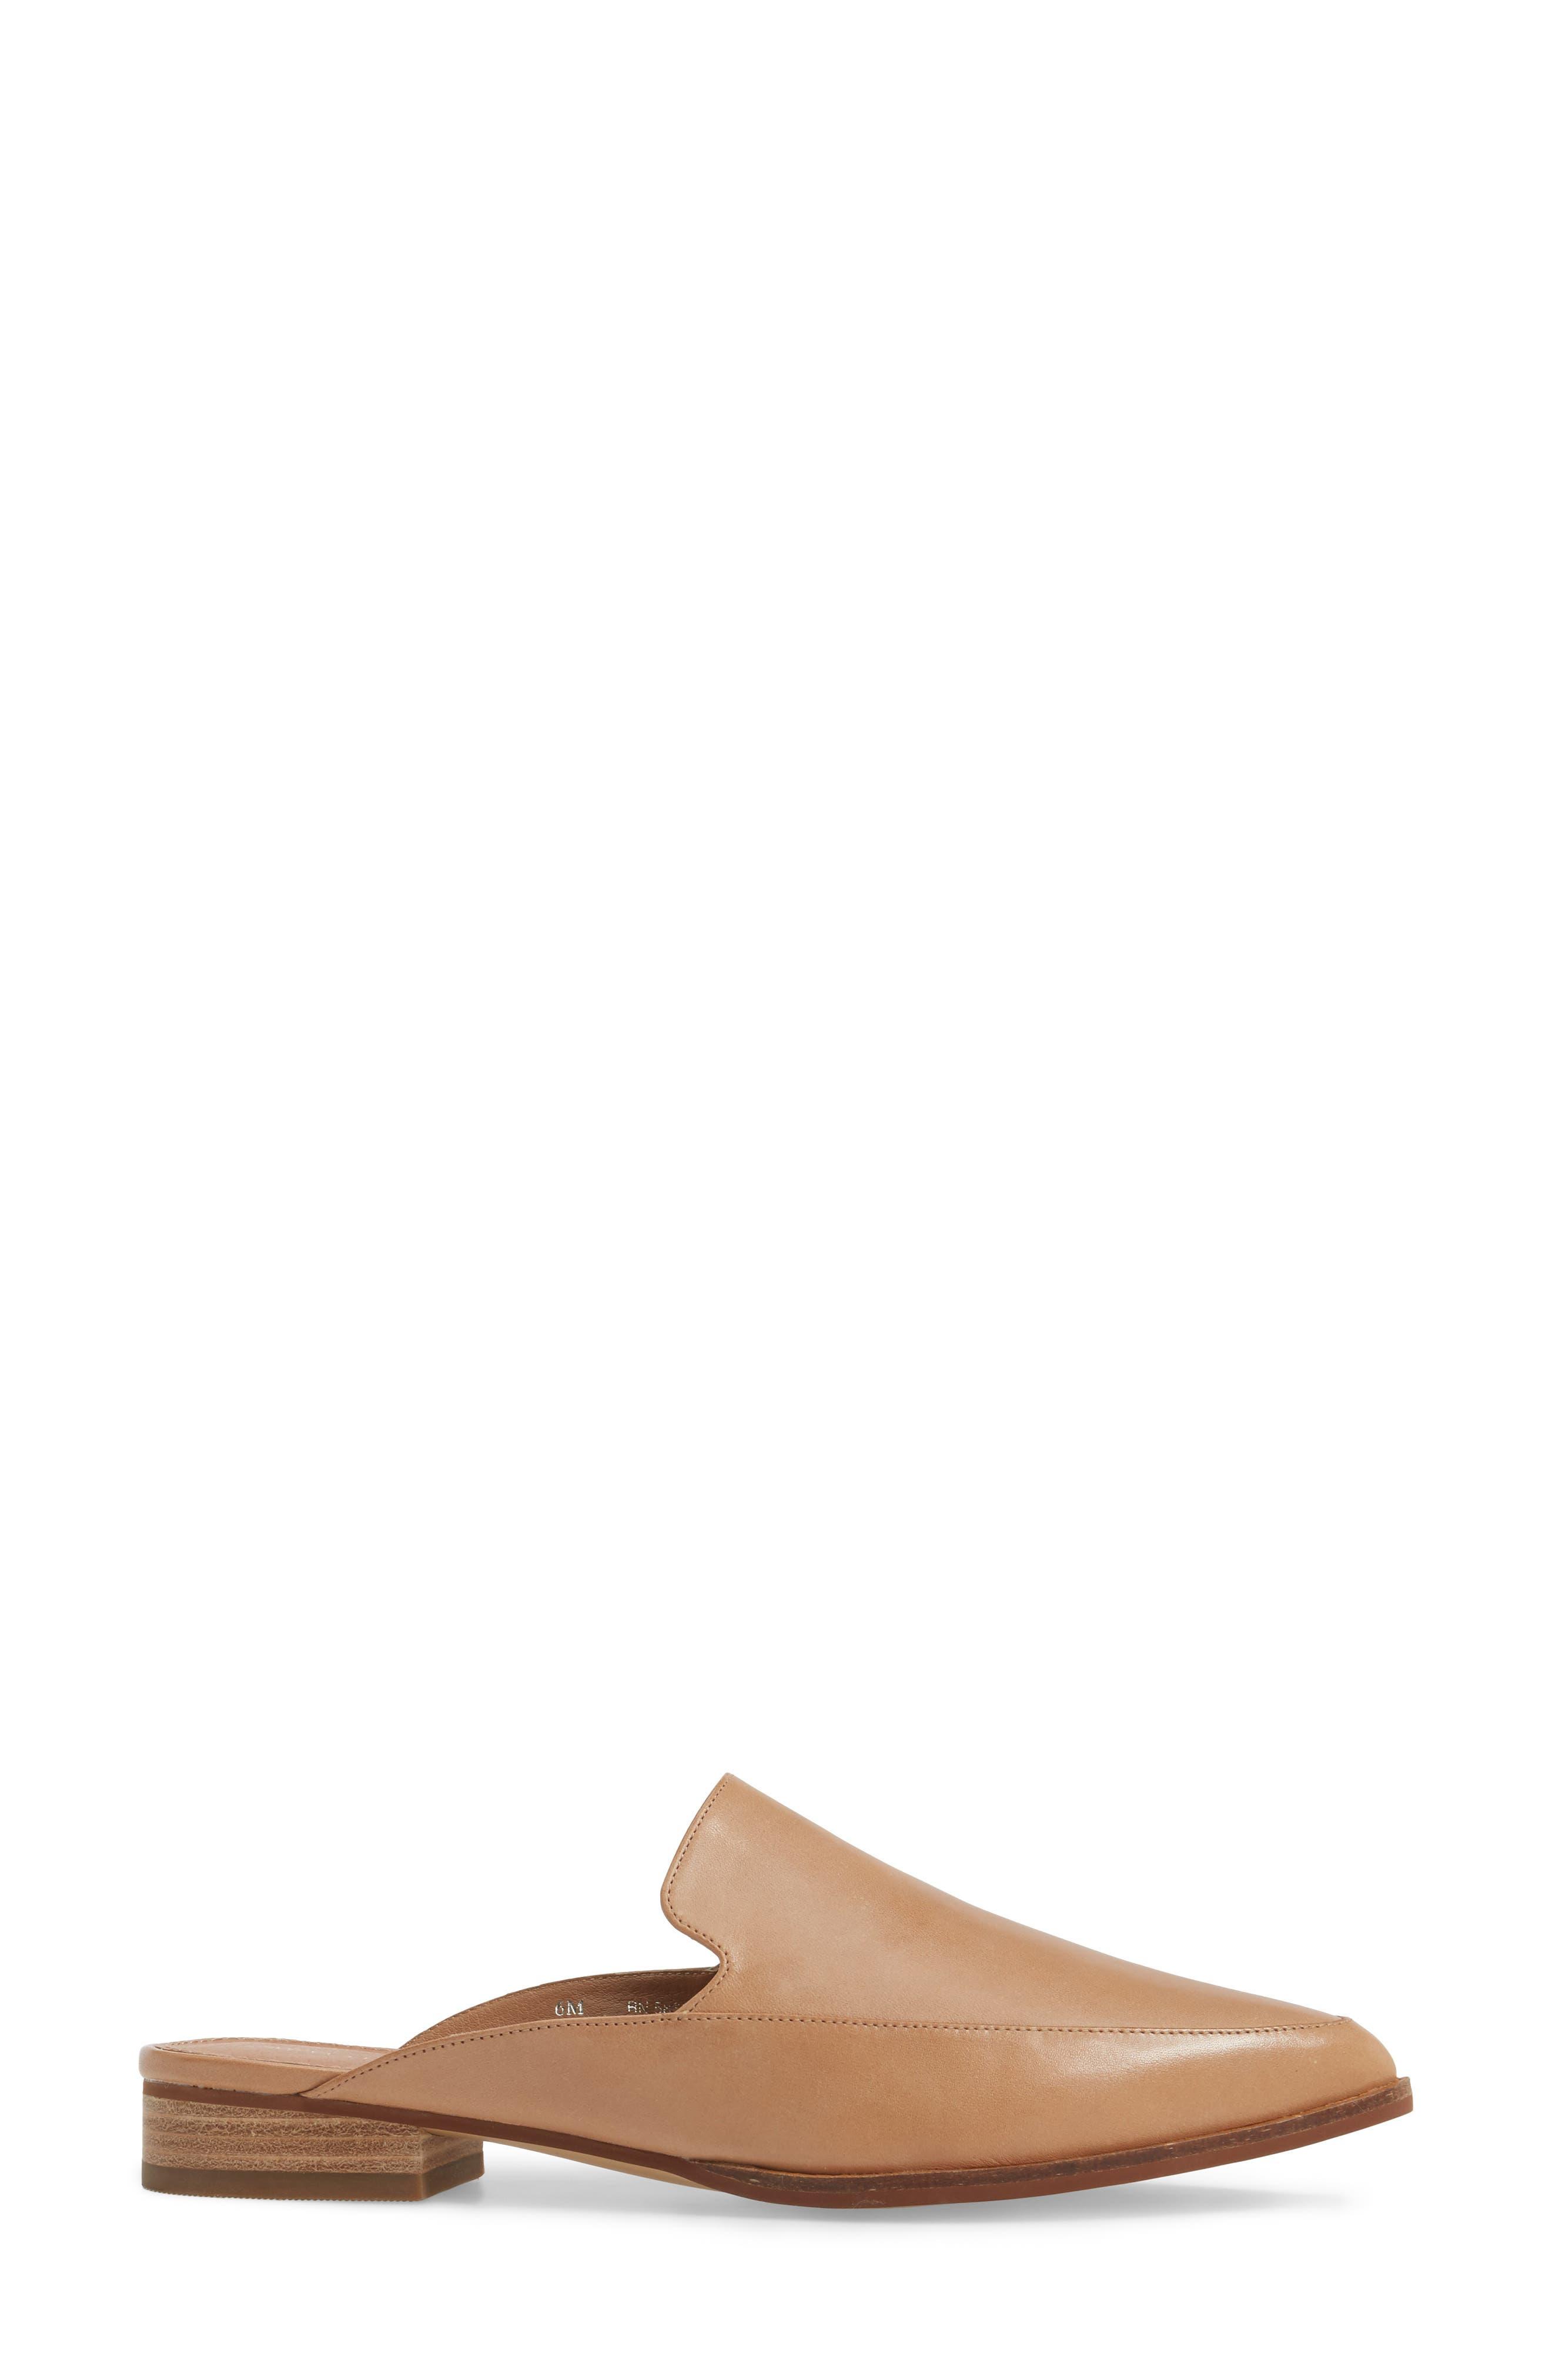 Corbin Genuine Calf Hair Slide Loafer,                             Alternate thumbnail 12, color,